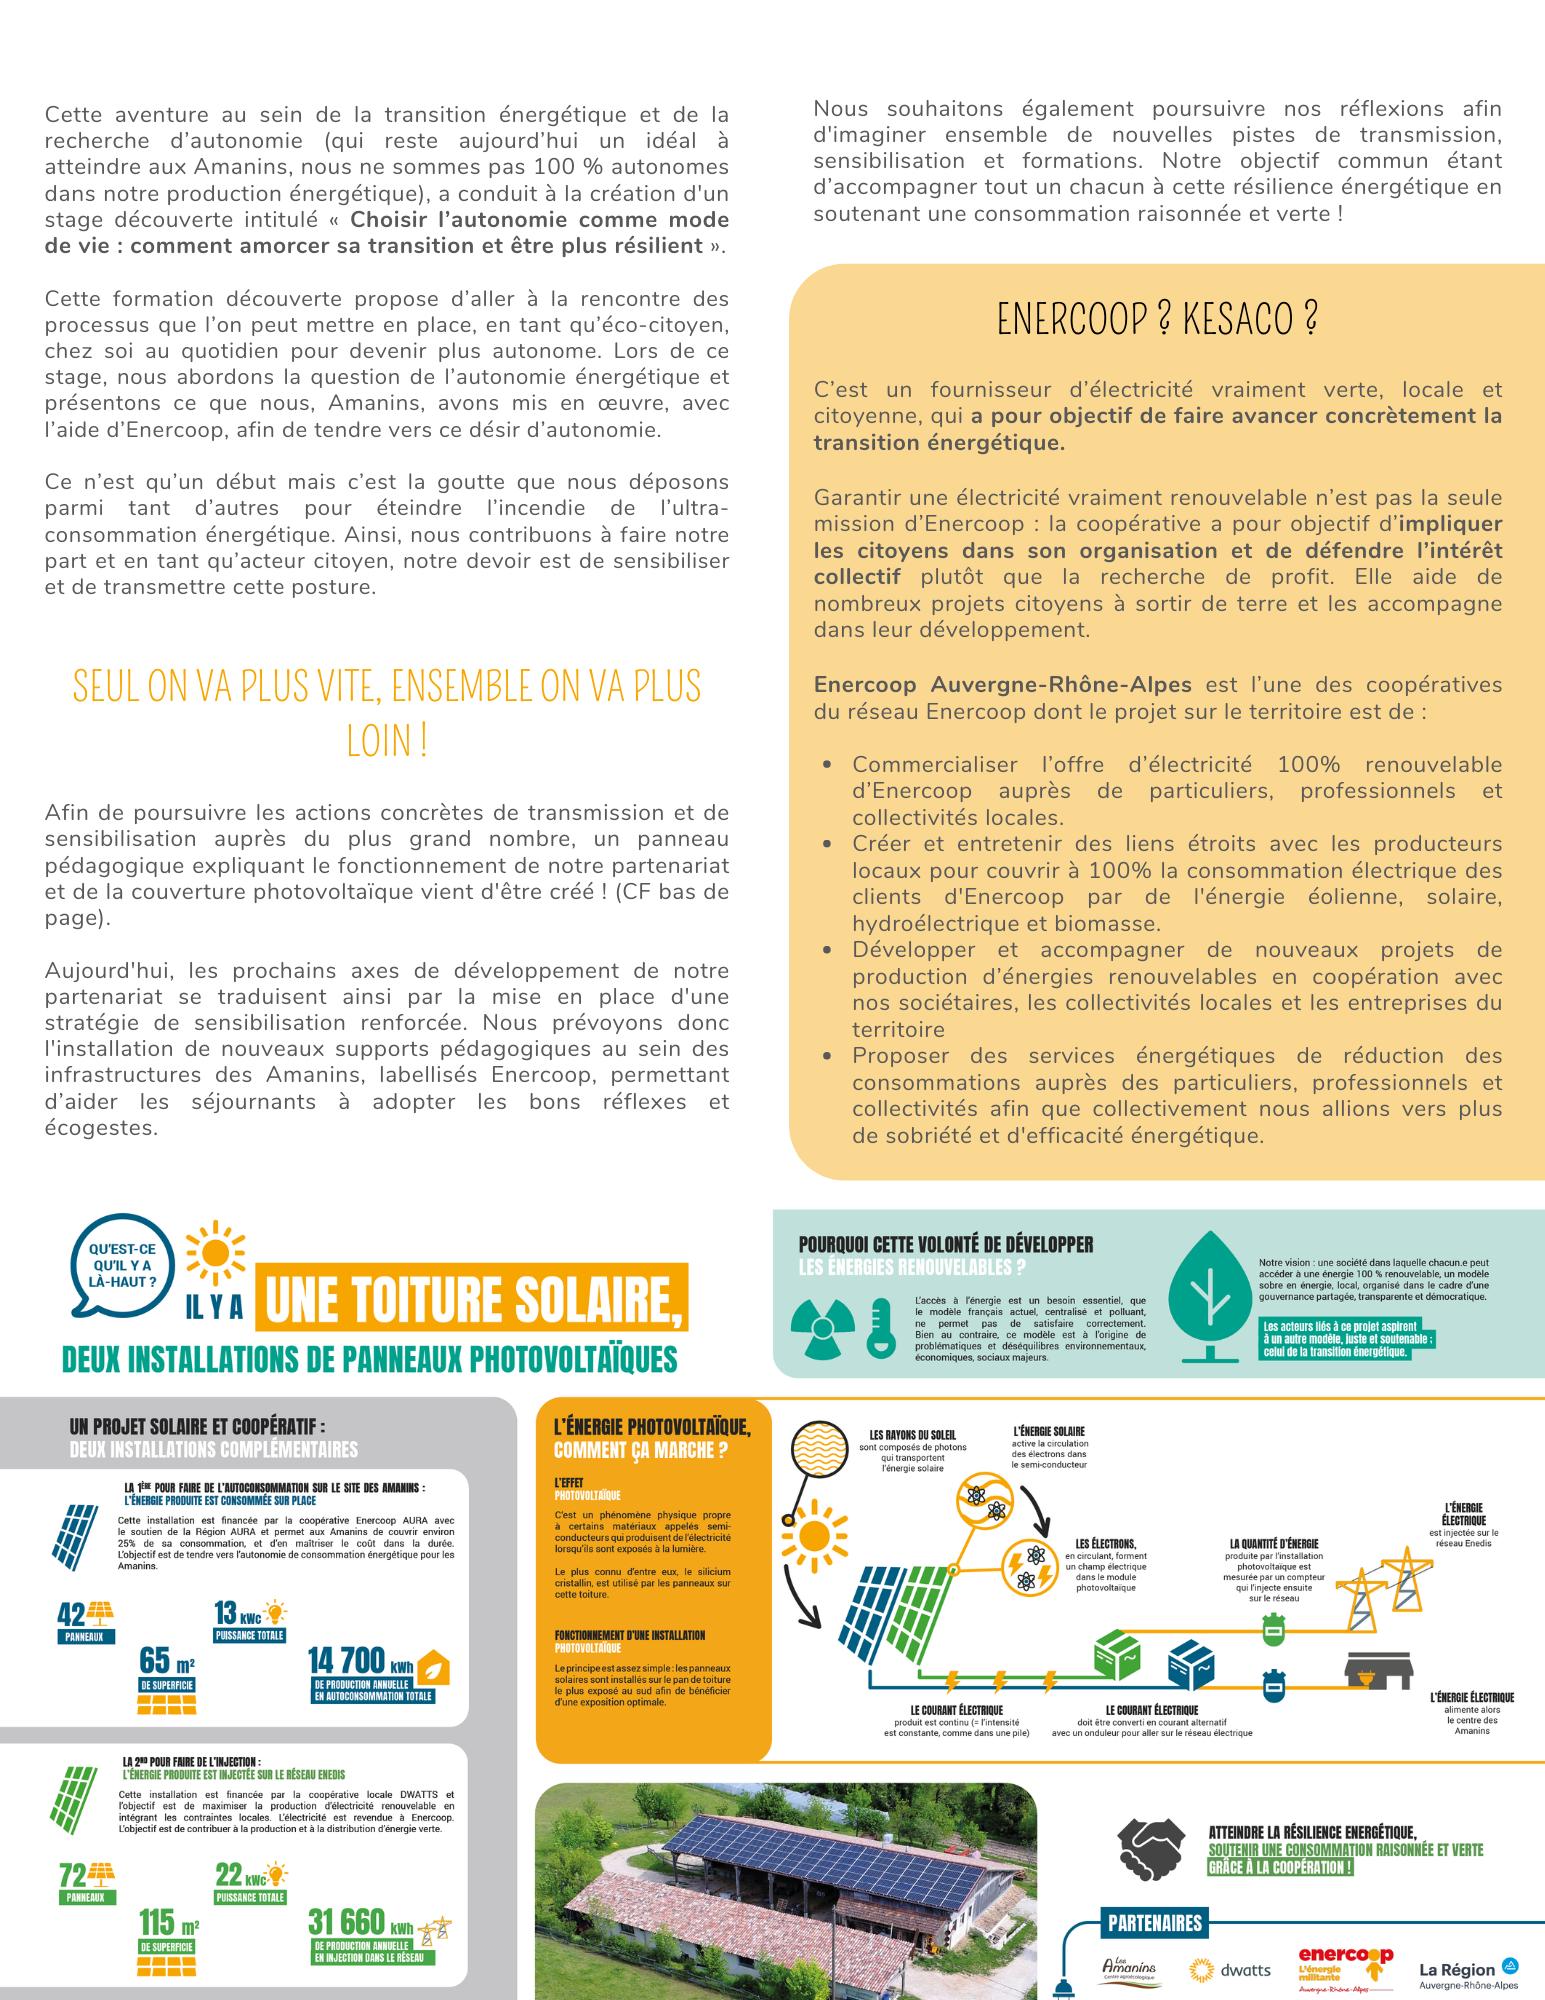 Communiqué de presse Les Amanins - Enercoop partenariat suite